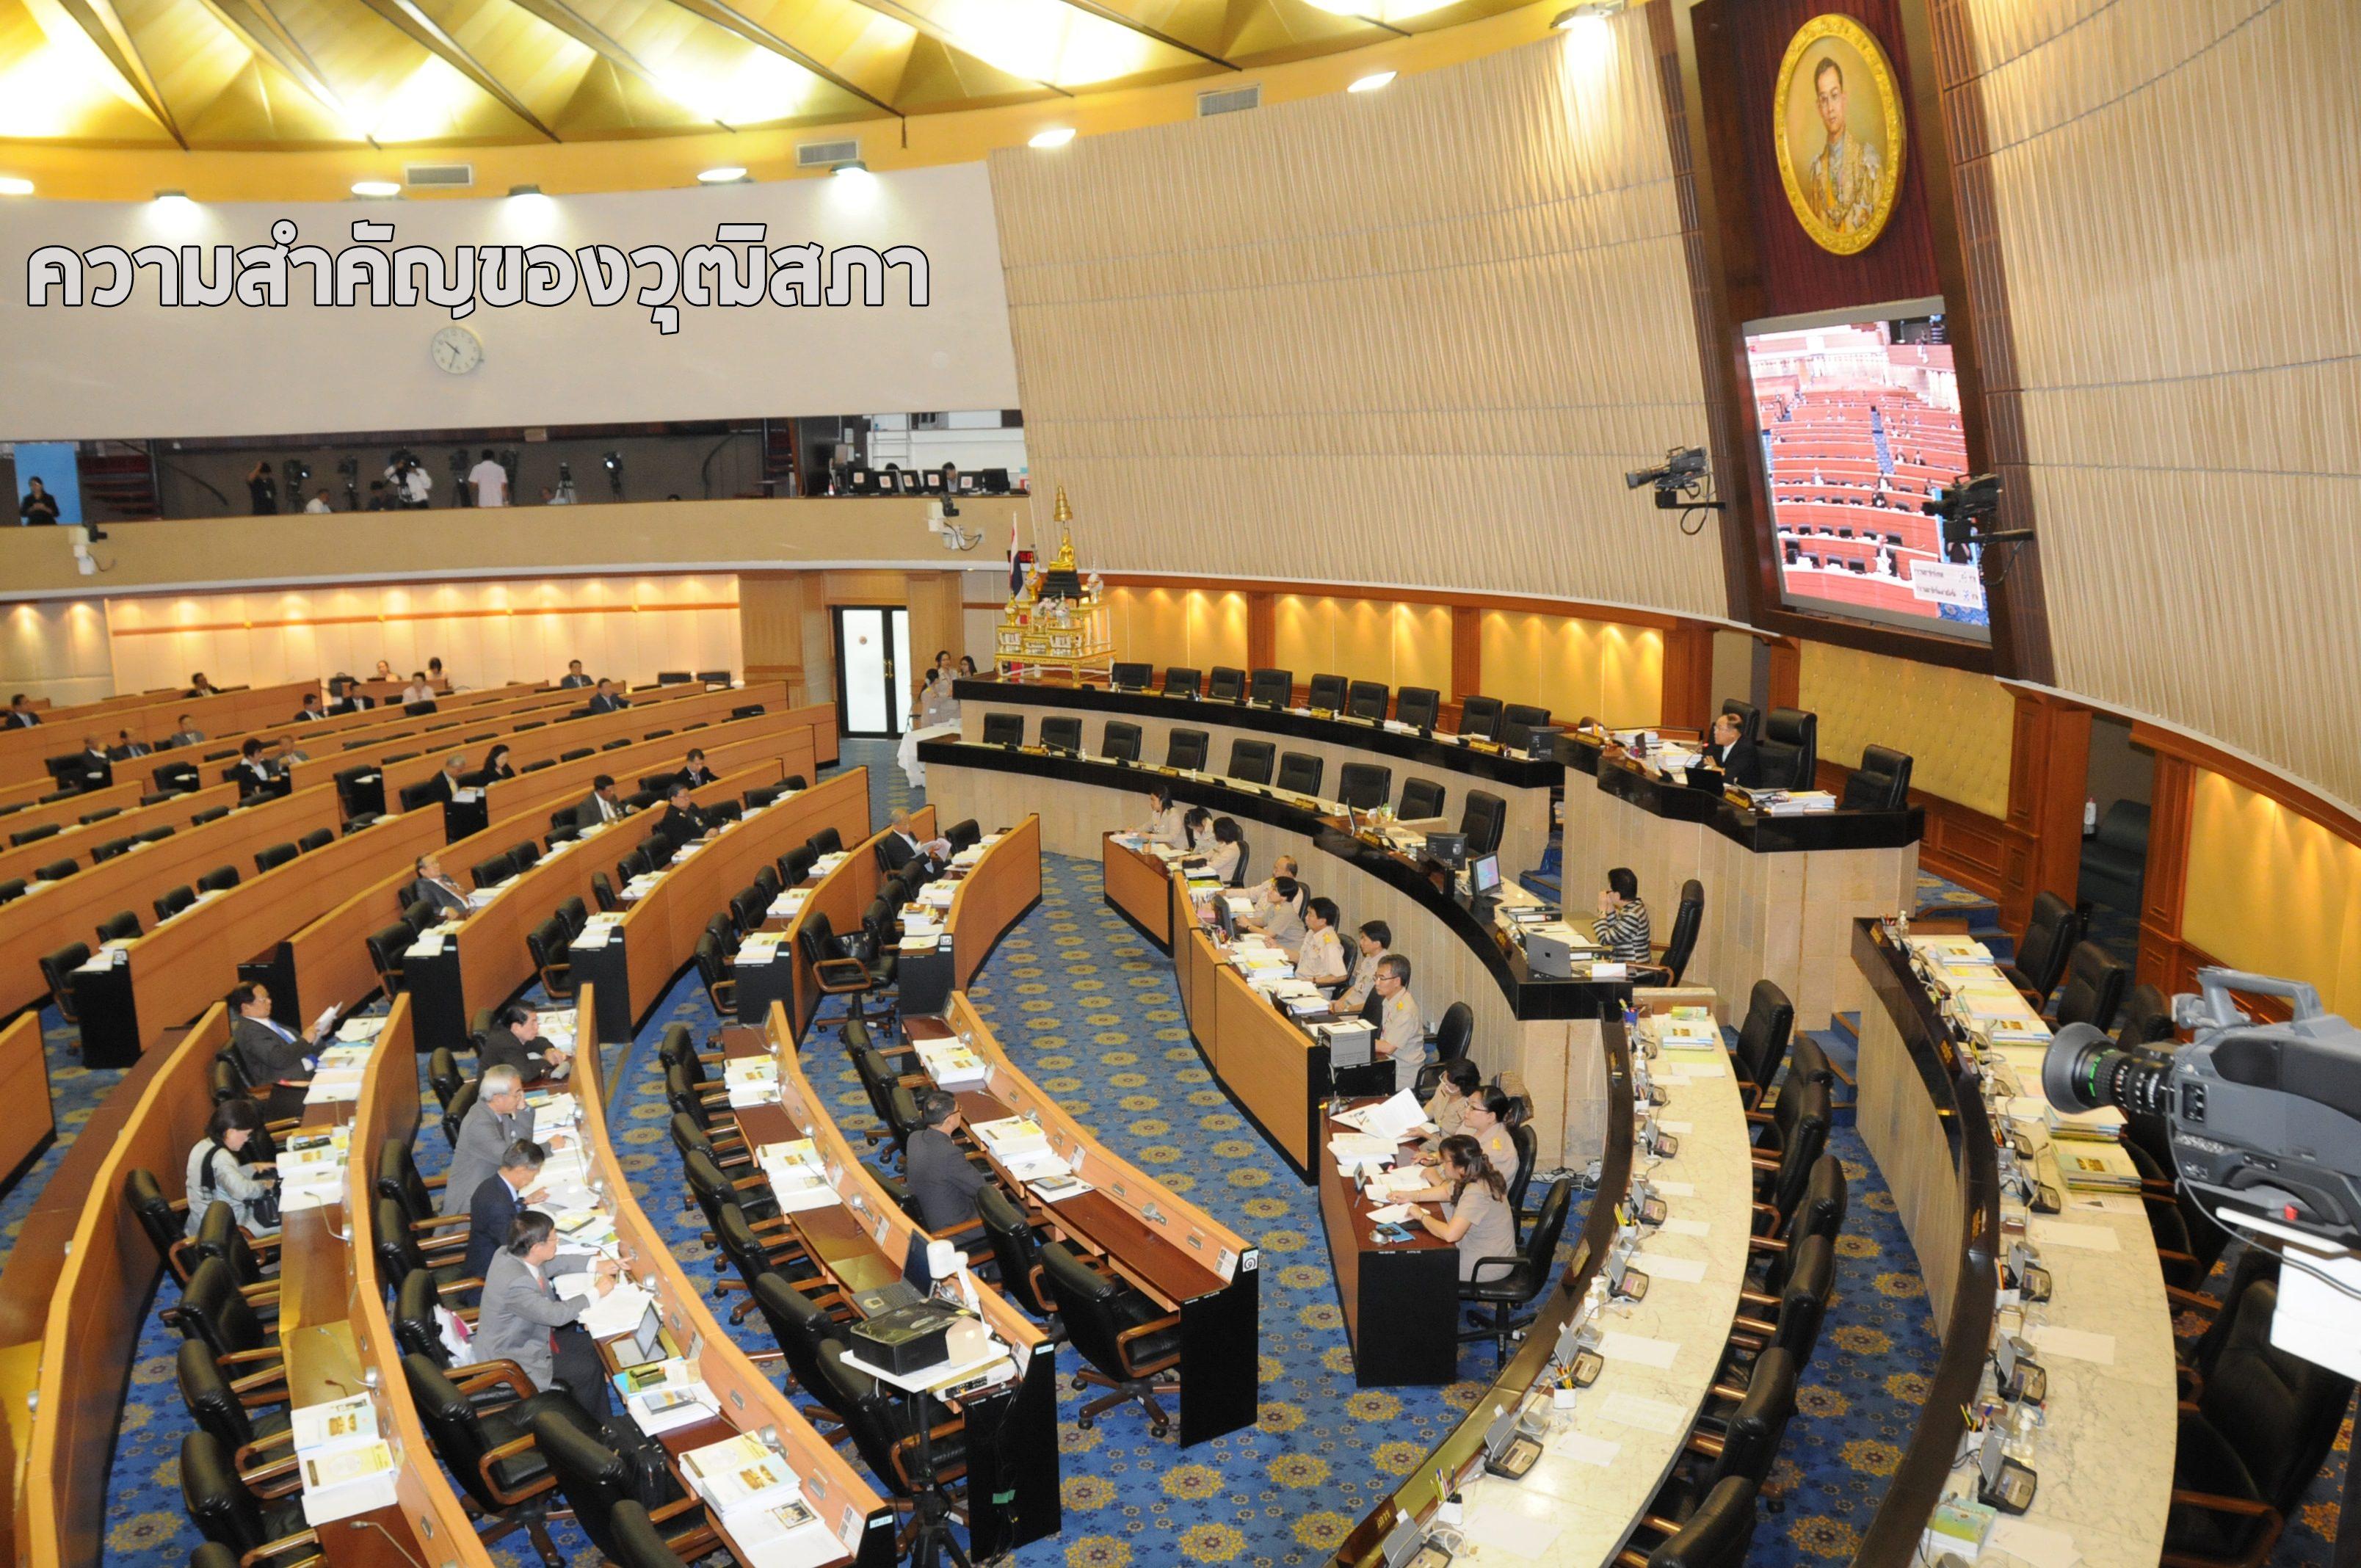 ทิศทางการเมืองไทยในปัจจุบัน